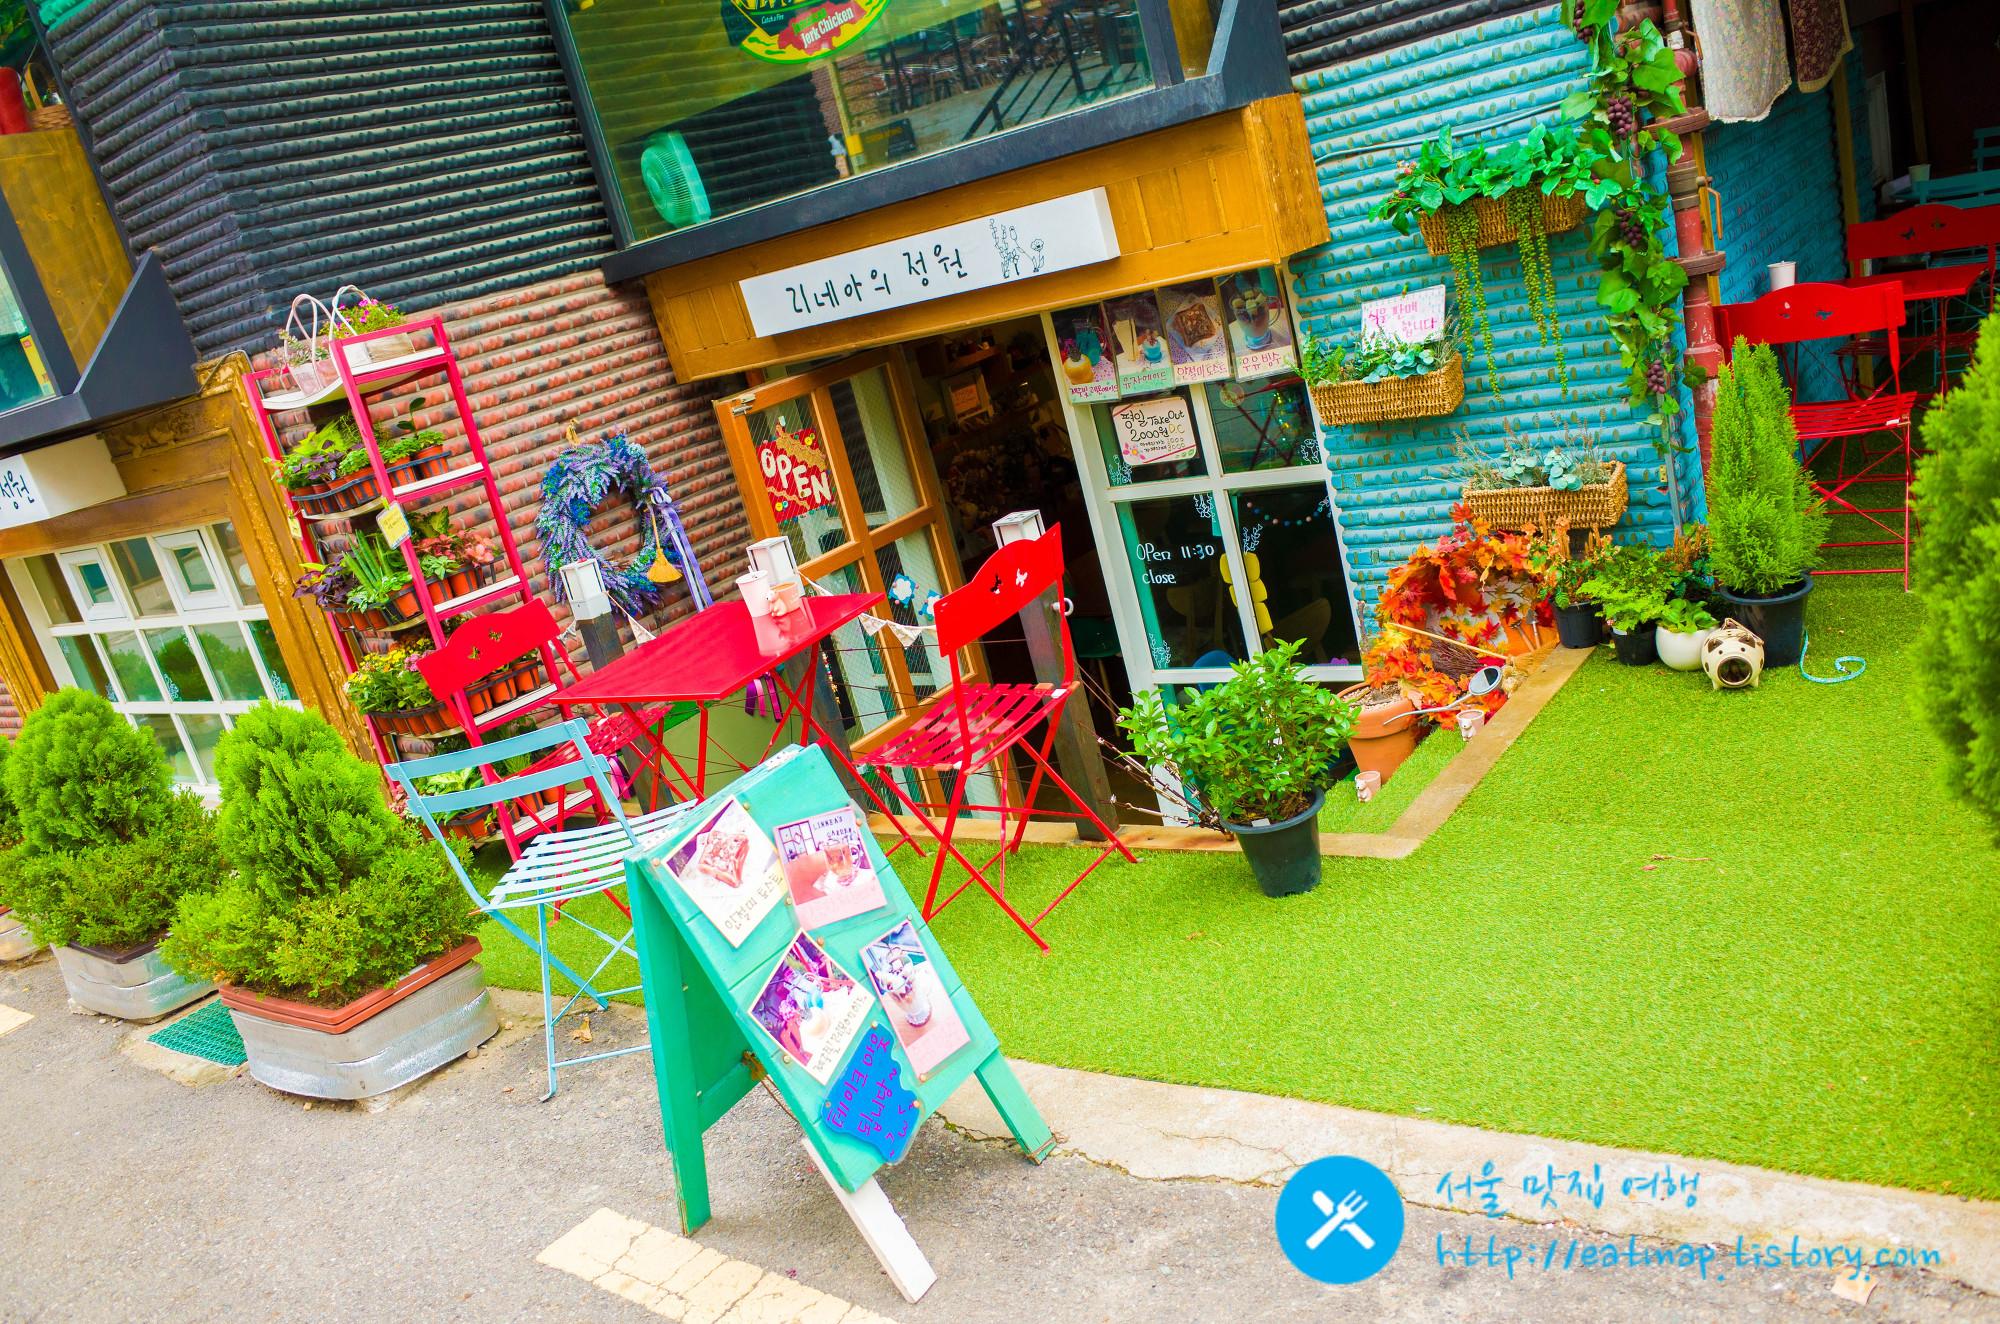 [합정 카페] 카페거리 식물카페 '리네아의 정원' - 서울 맛집 여행